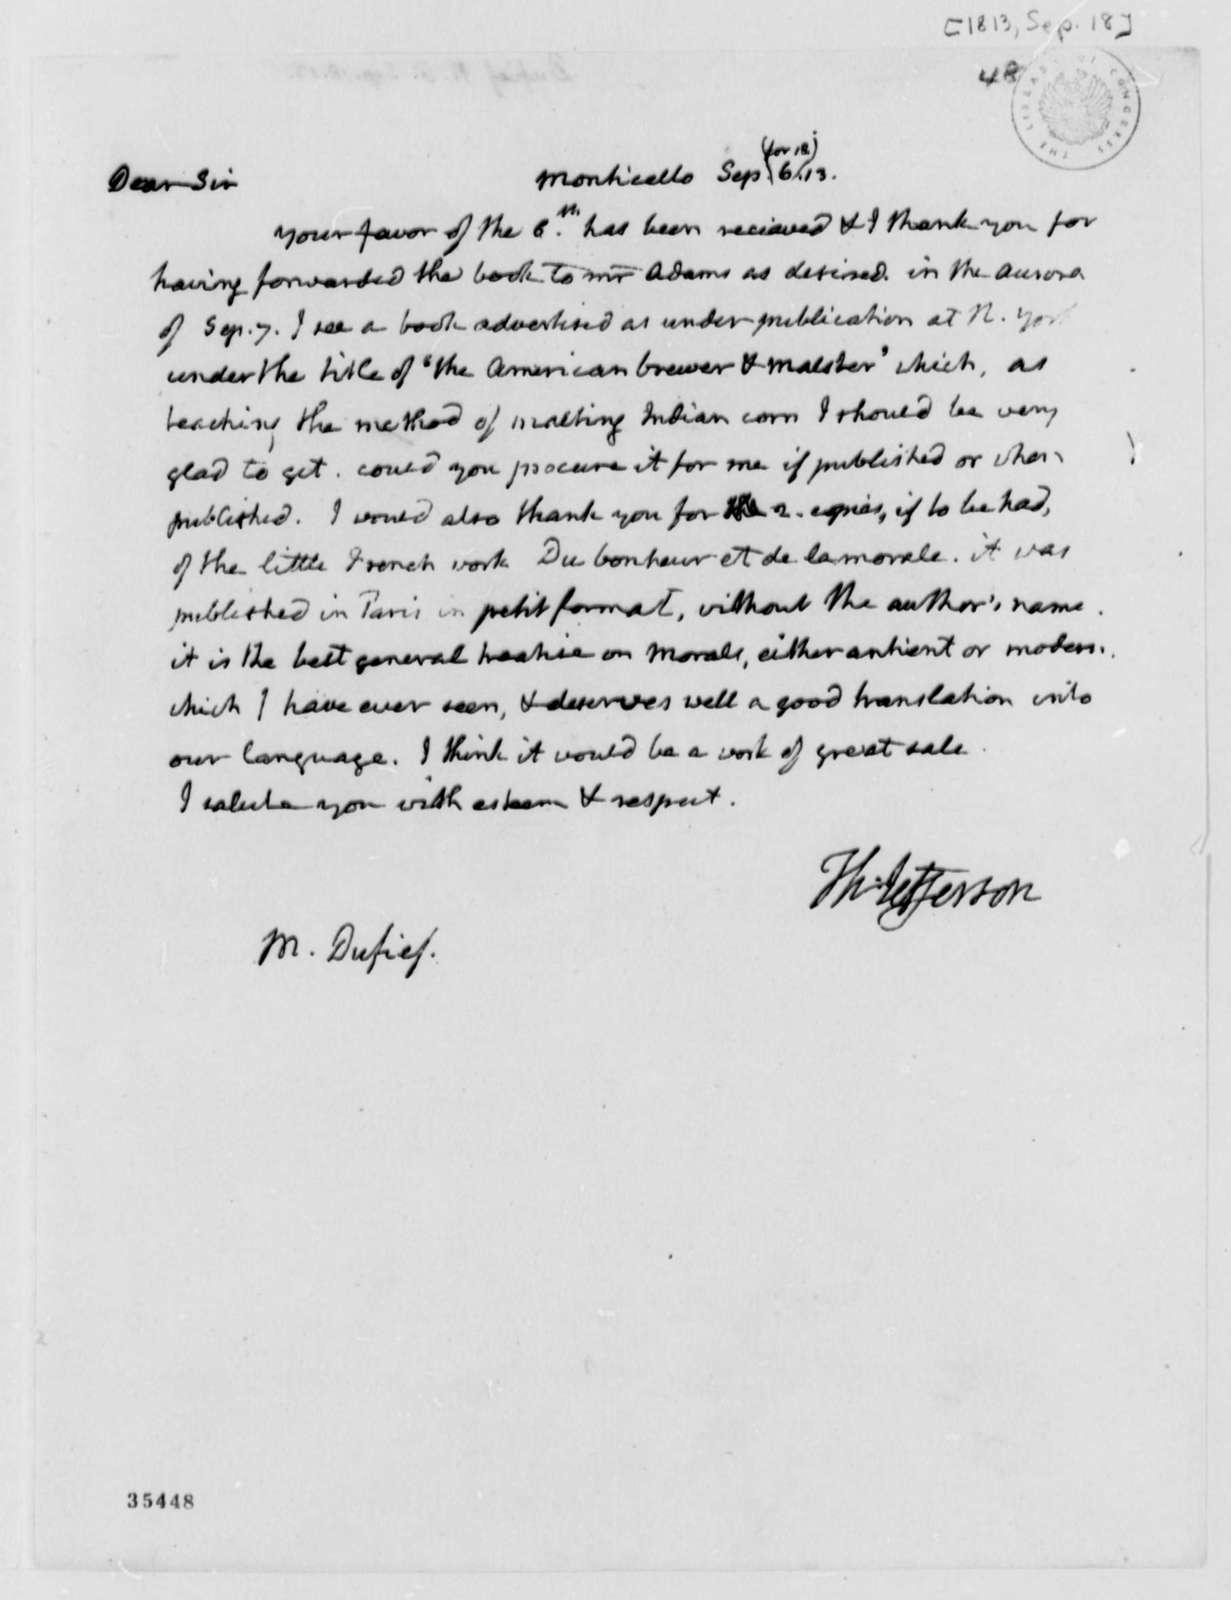 Thomas Jefferson to Nicholas Gouin Dufief, September 18, 1813